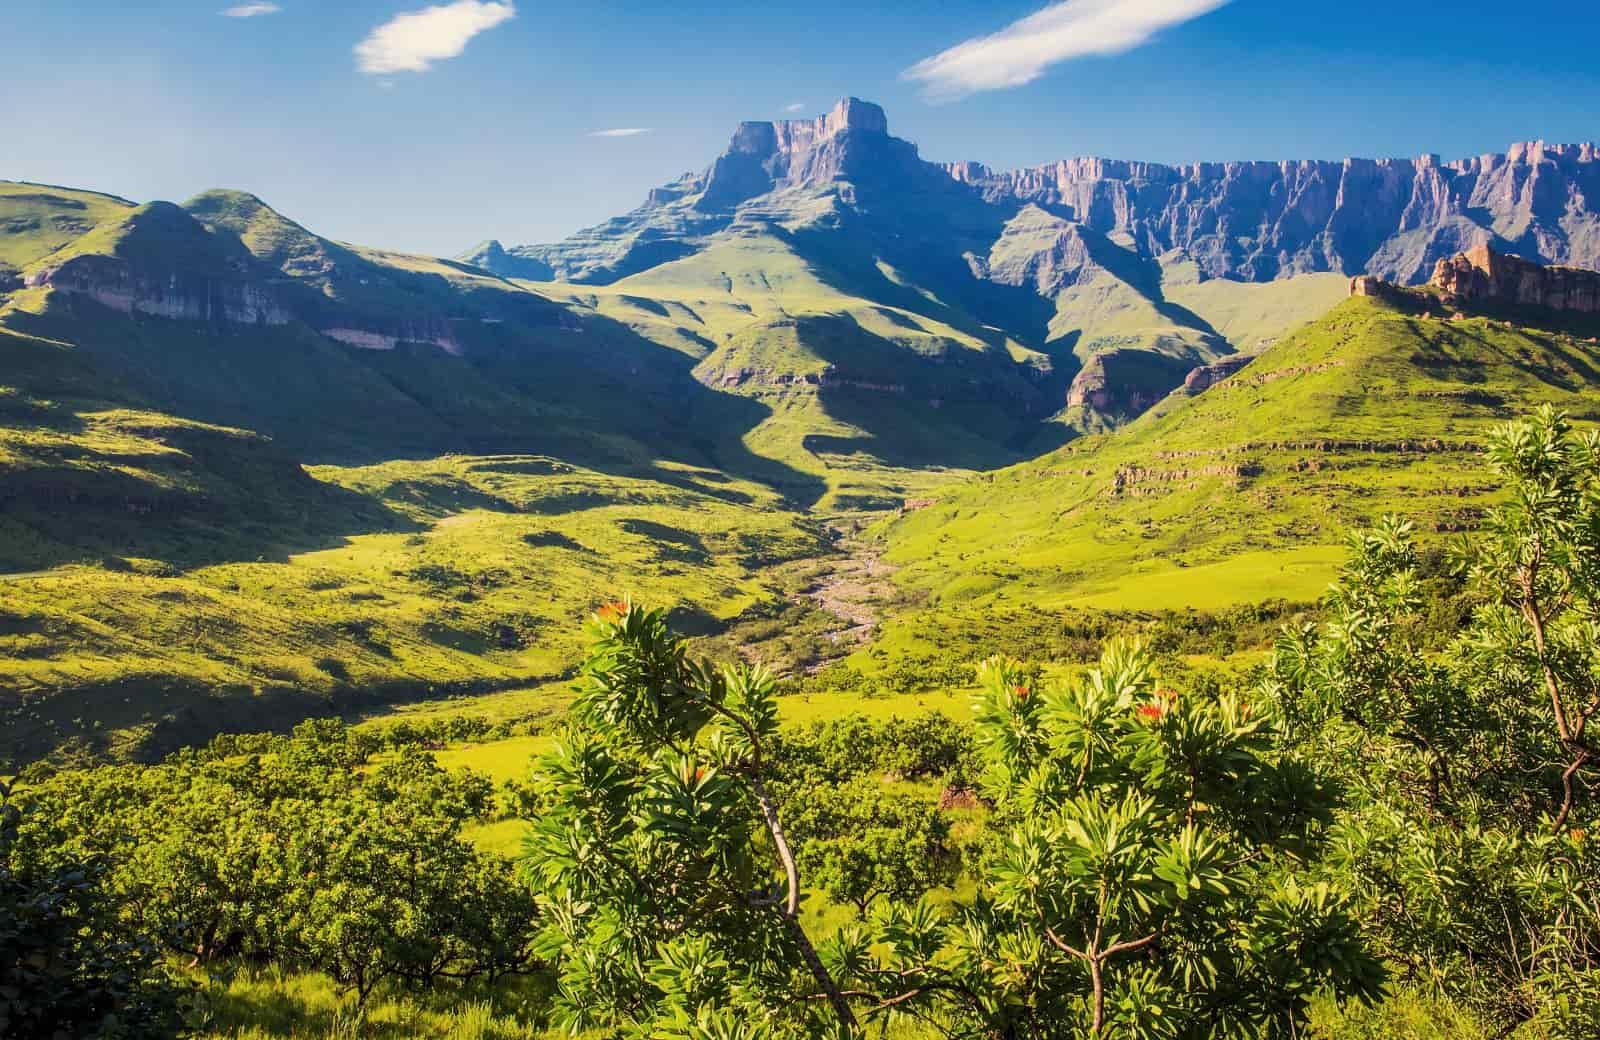 Voyage Afrique du Sud - Le Drakensberg - Amplitudes